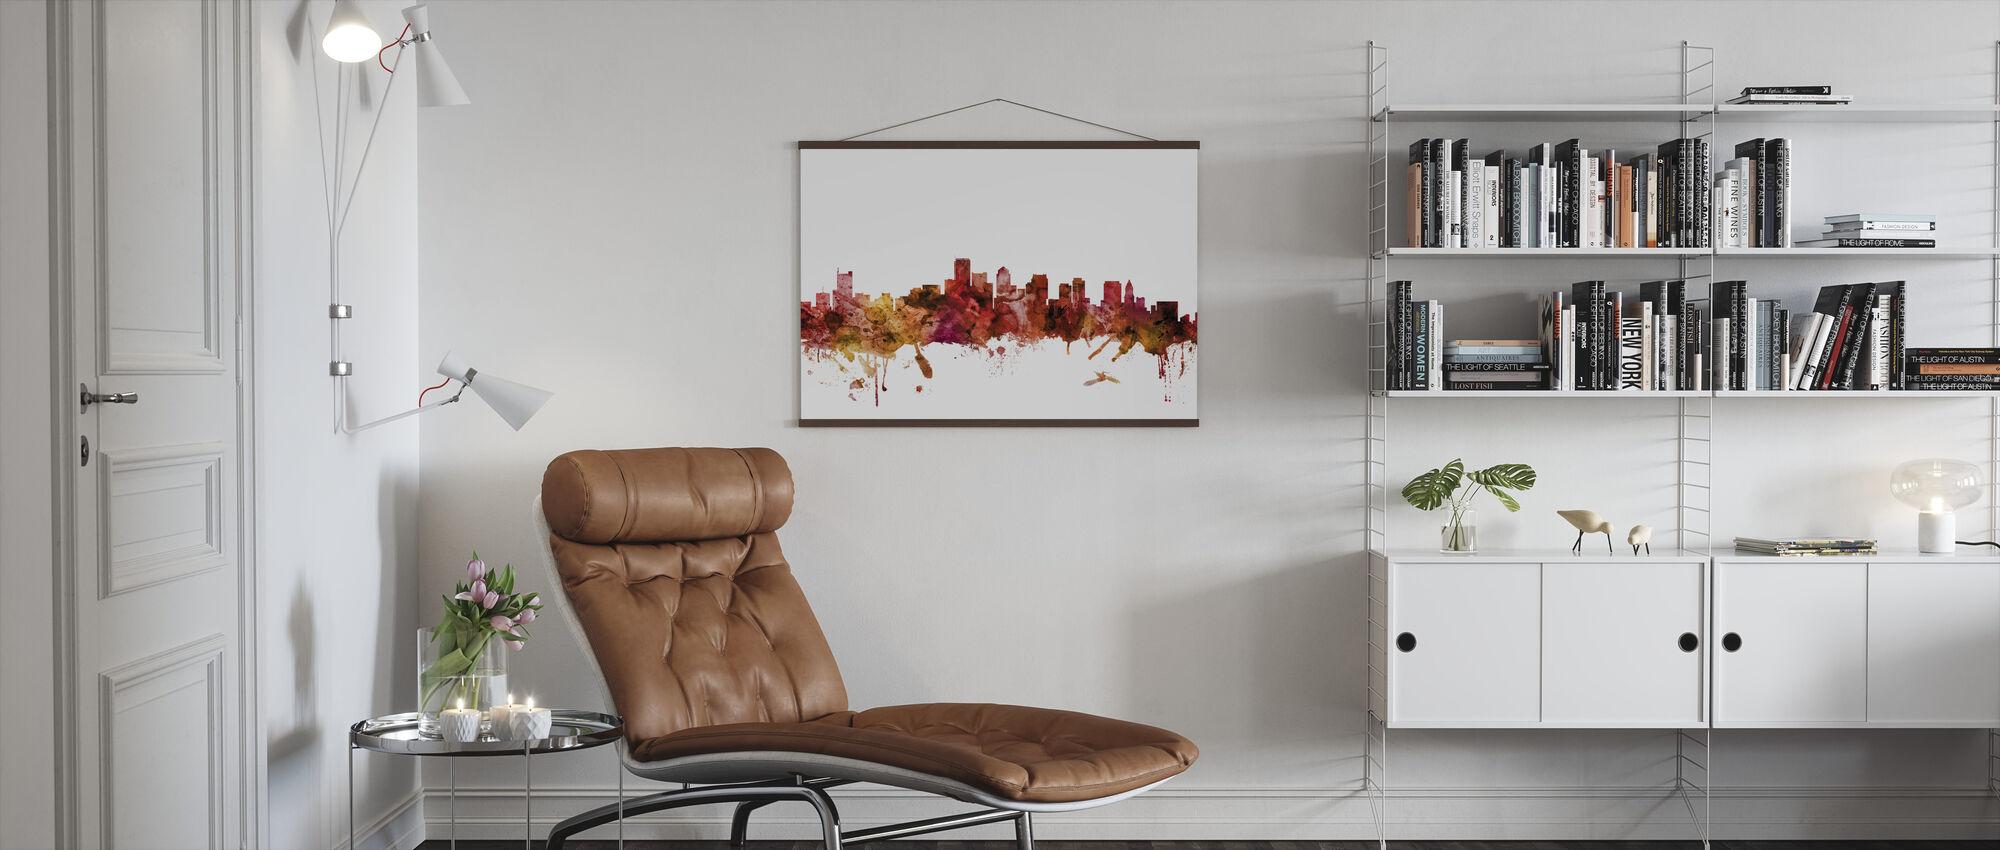 Boston Massachusetts Skyline - Poster - Living Room